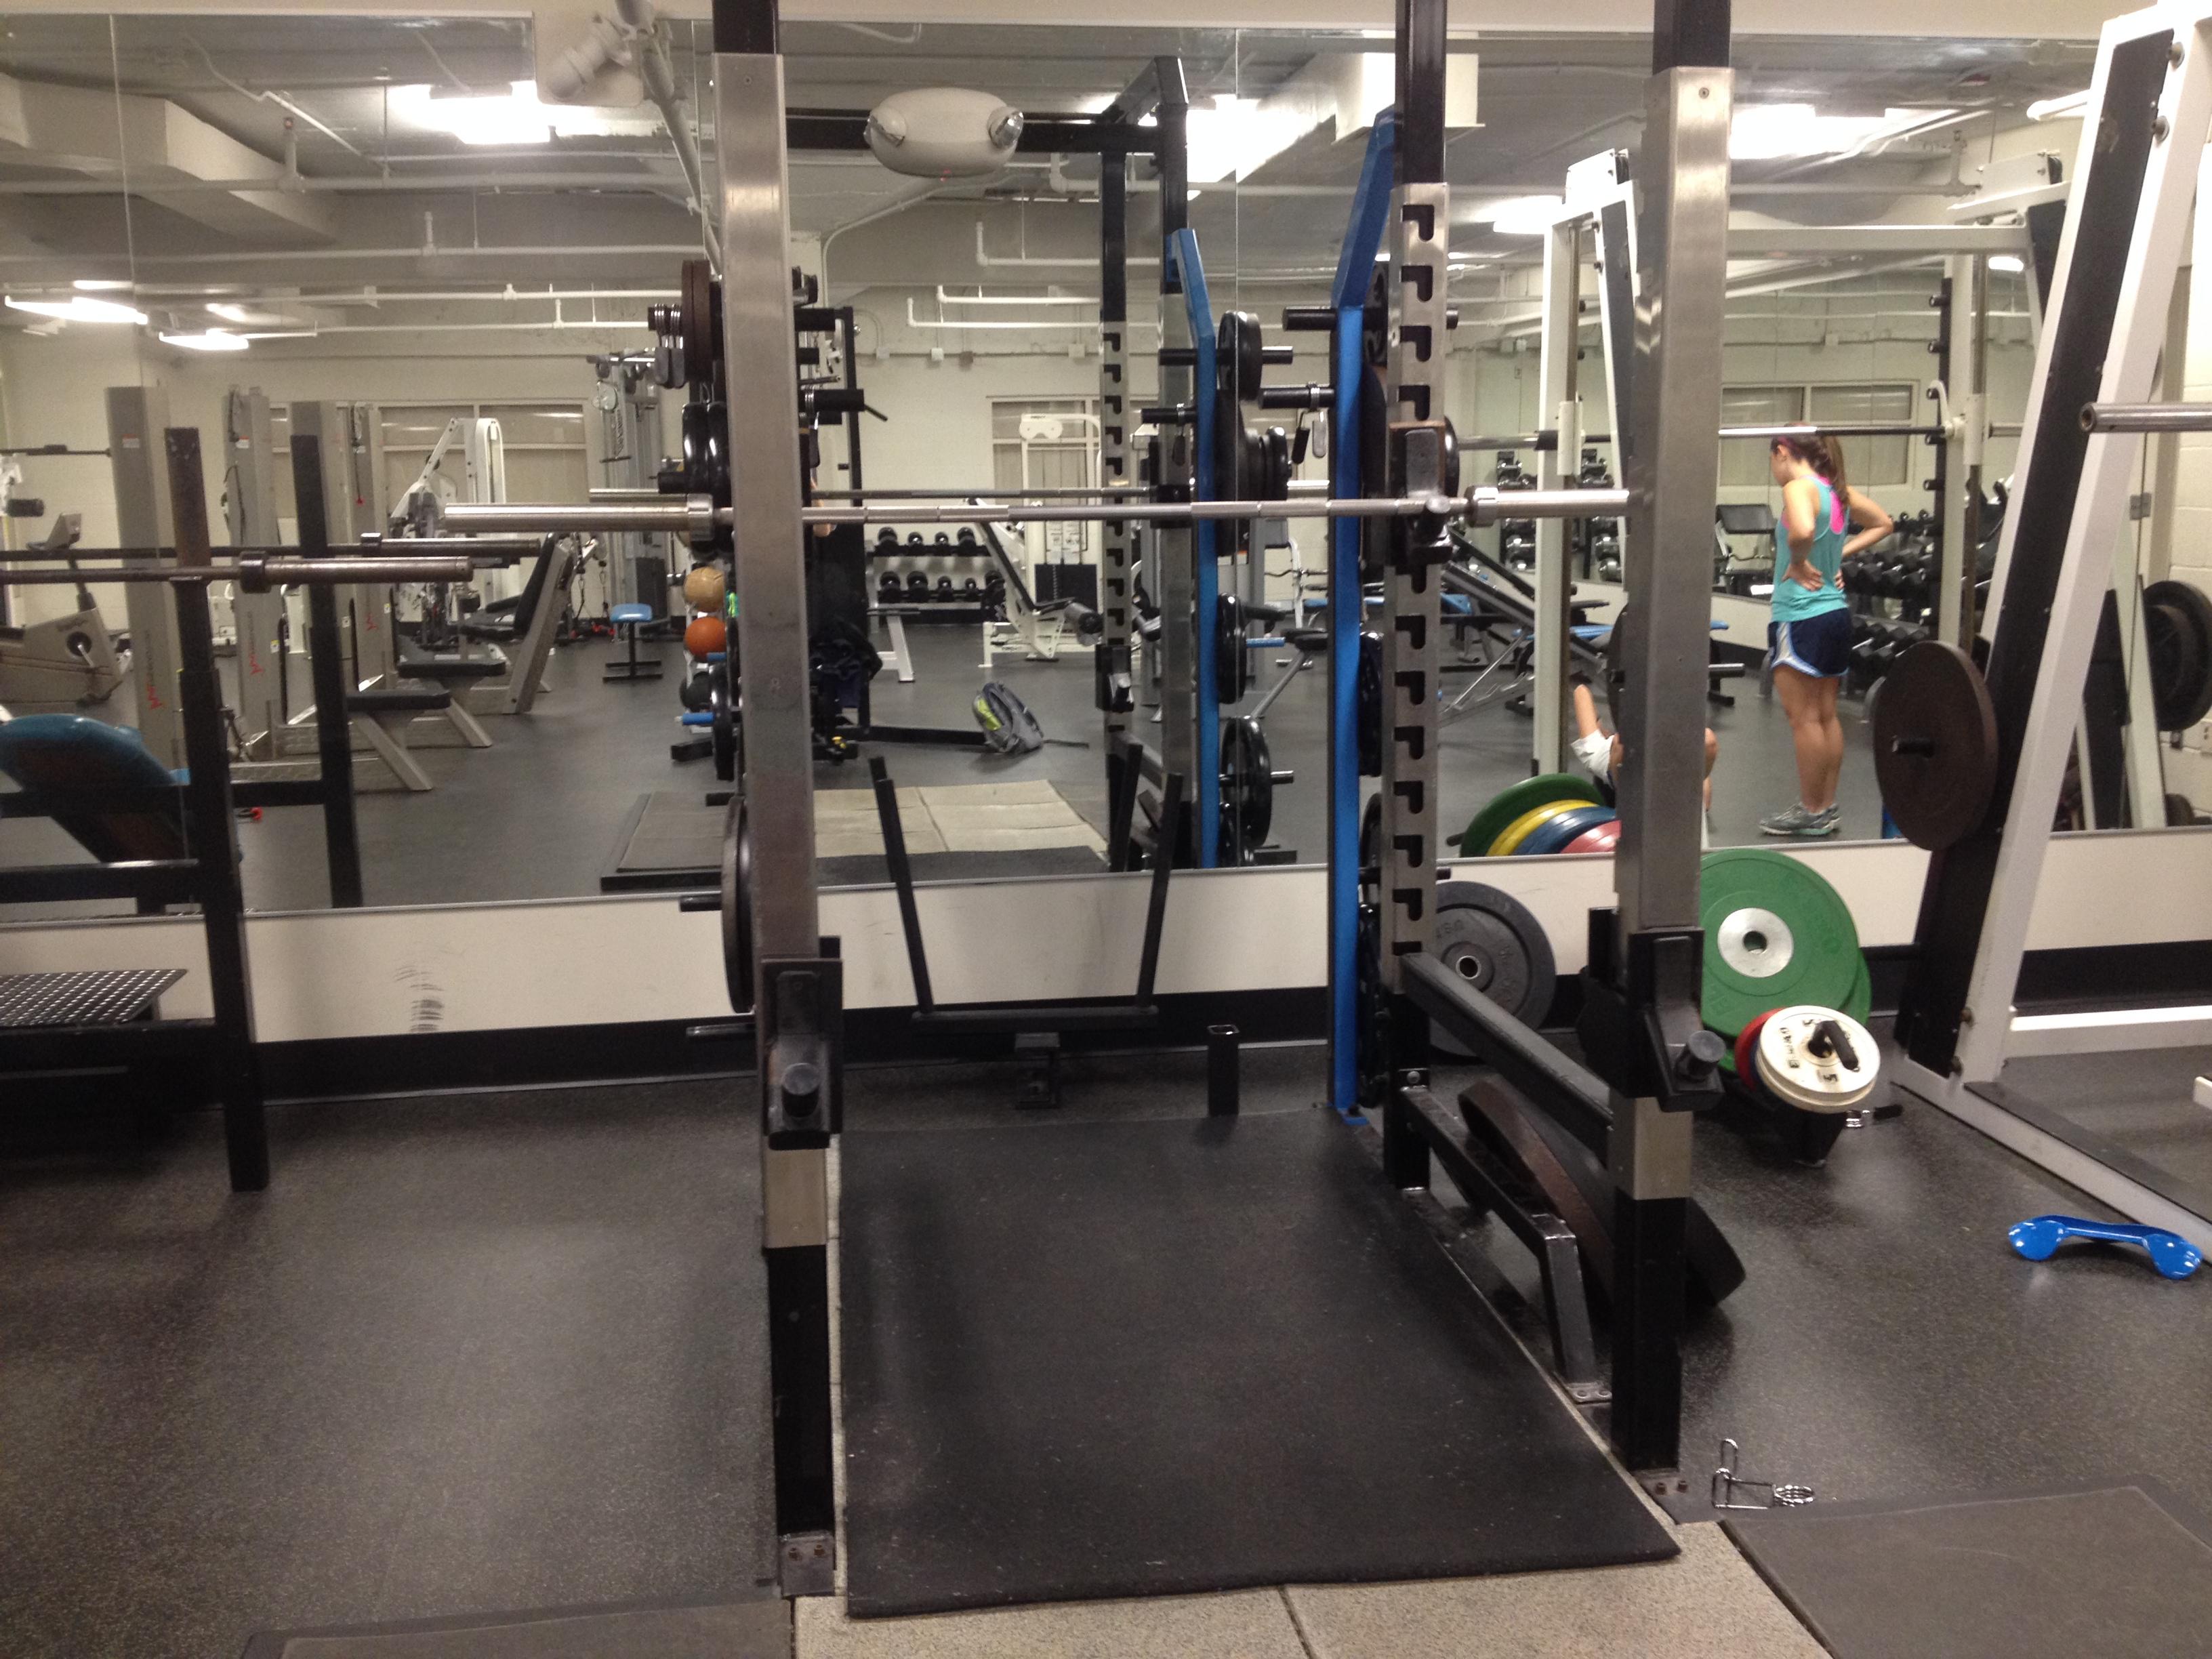 Running exercise machine price whirlpool gym equipment